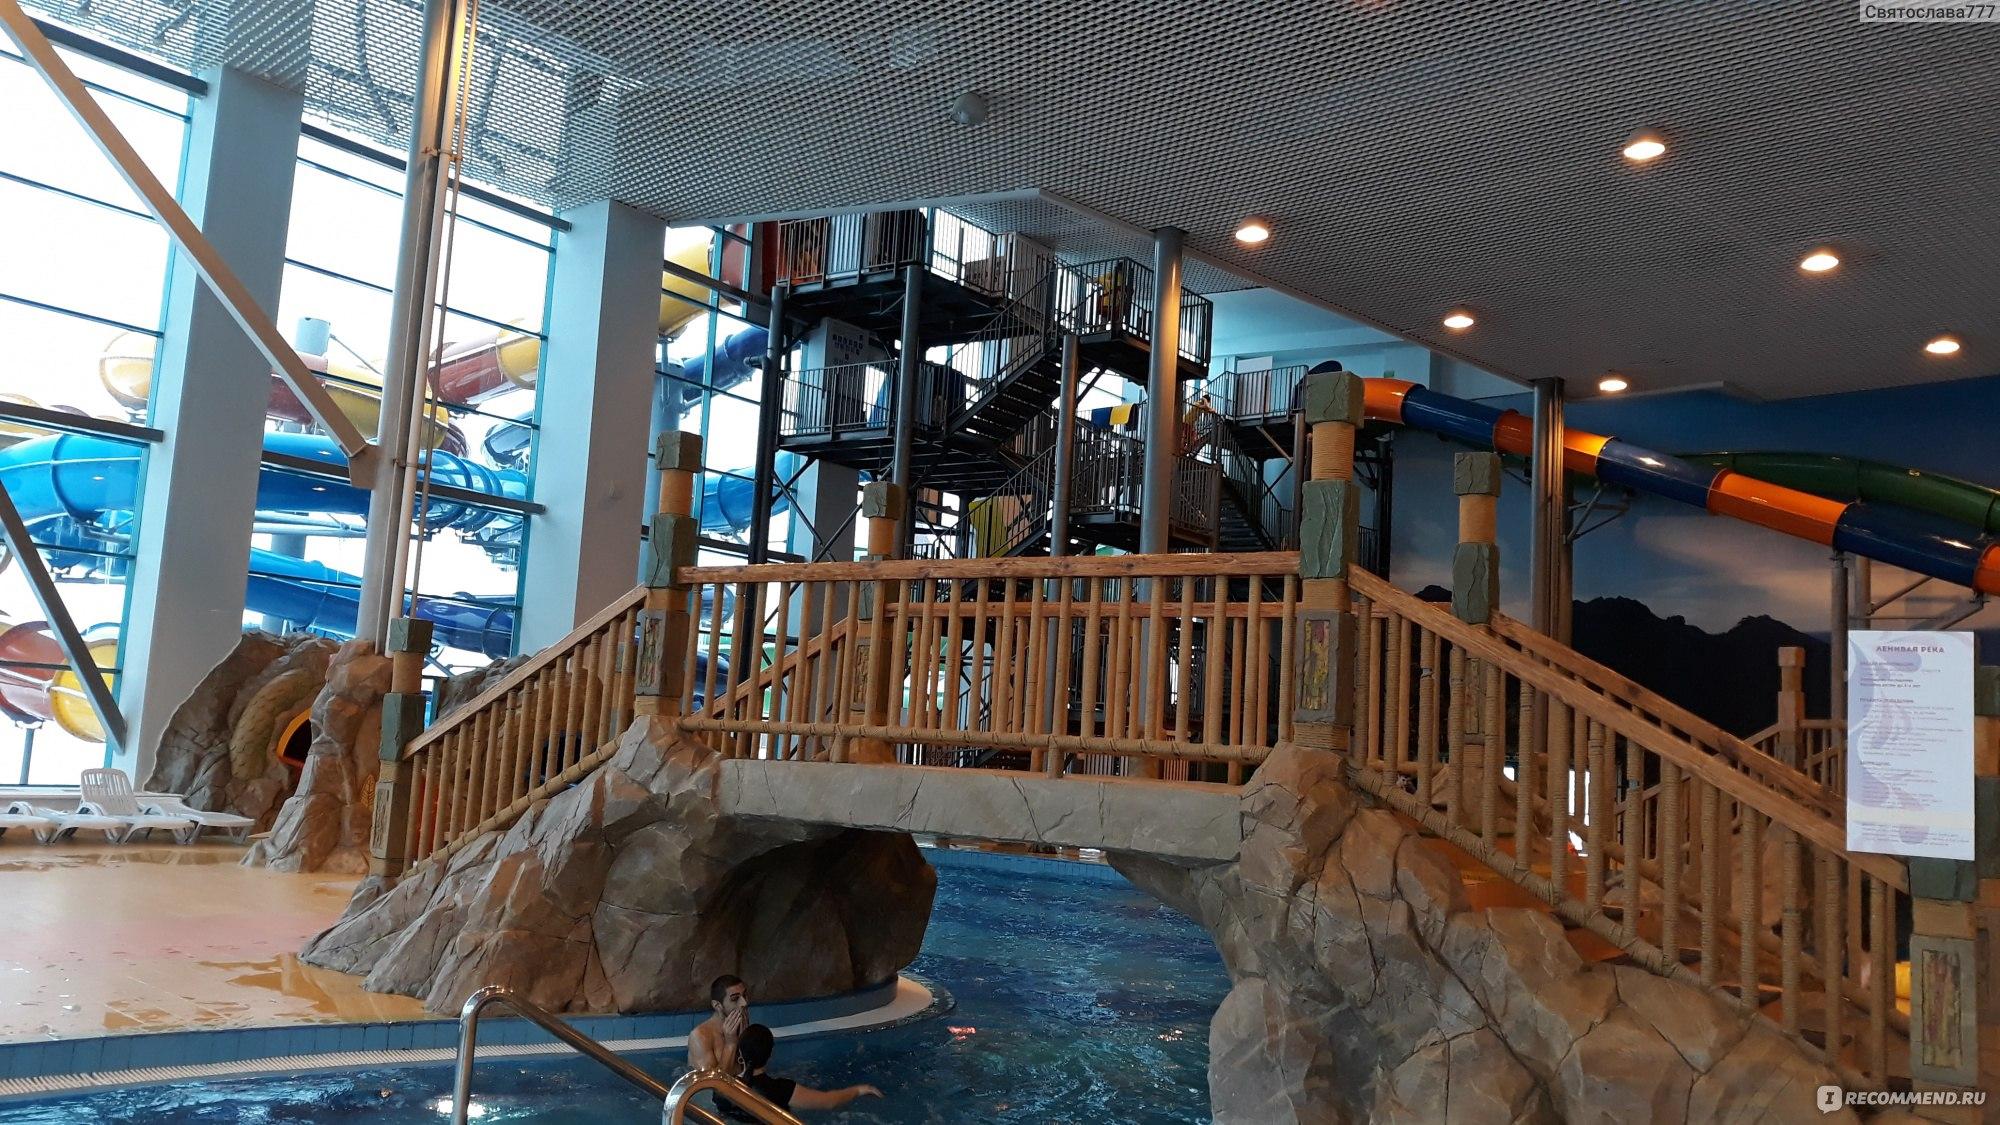 аквапарк город рязань фото